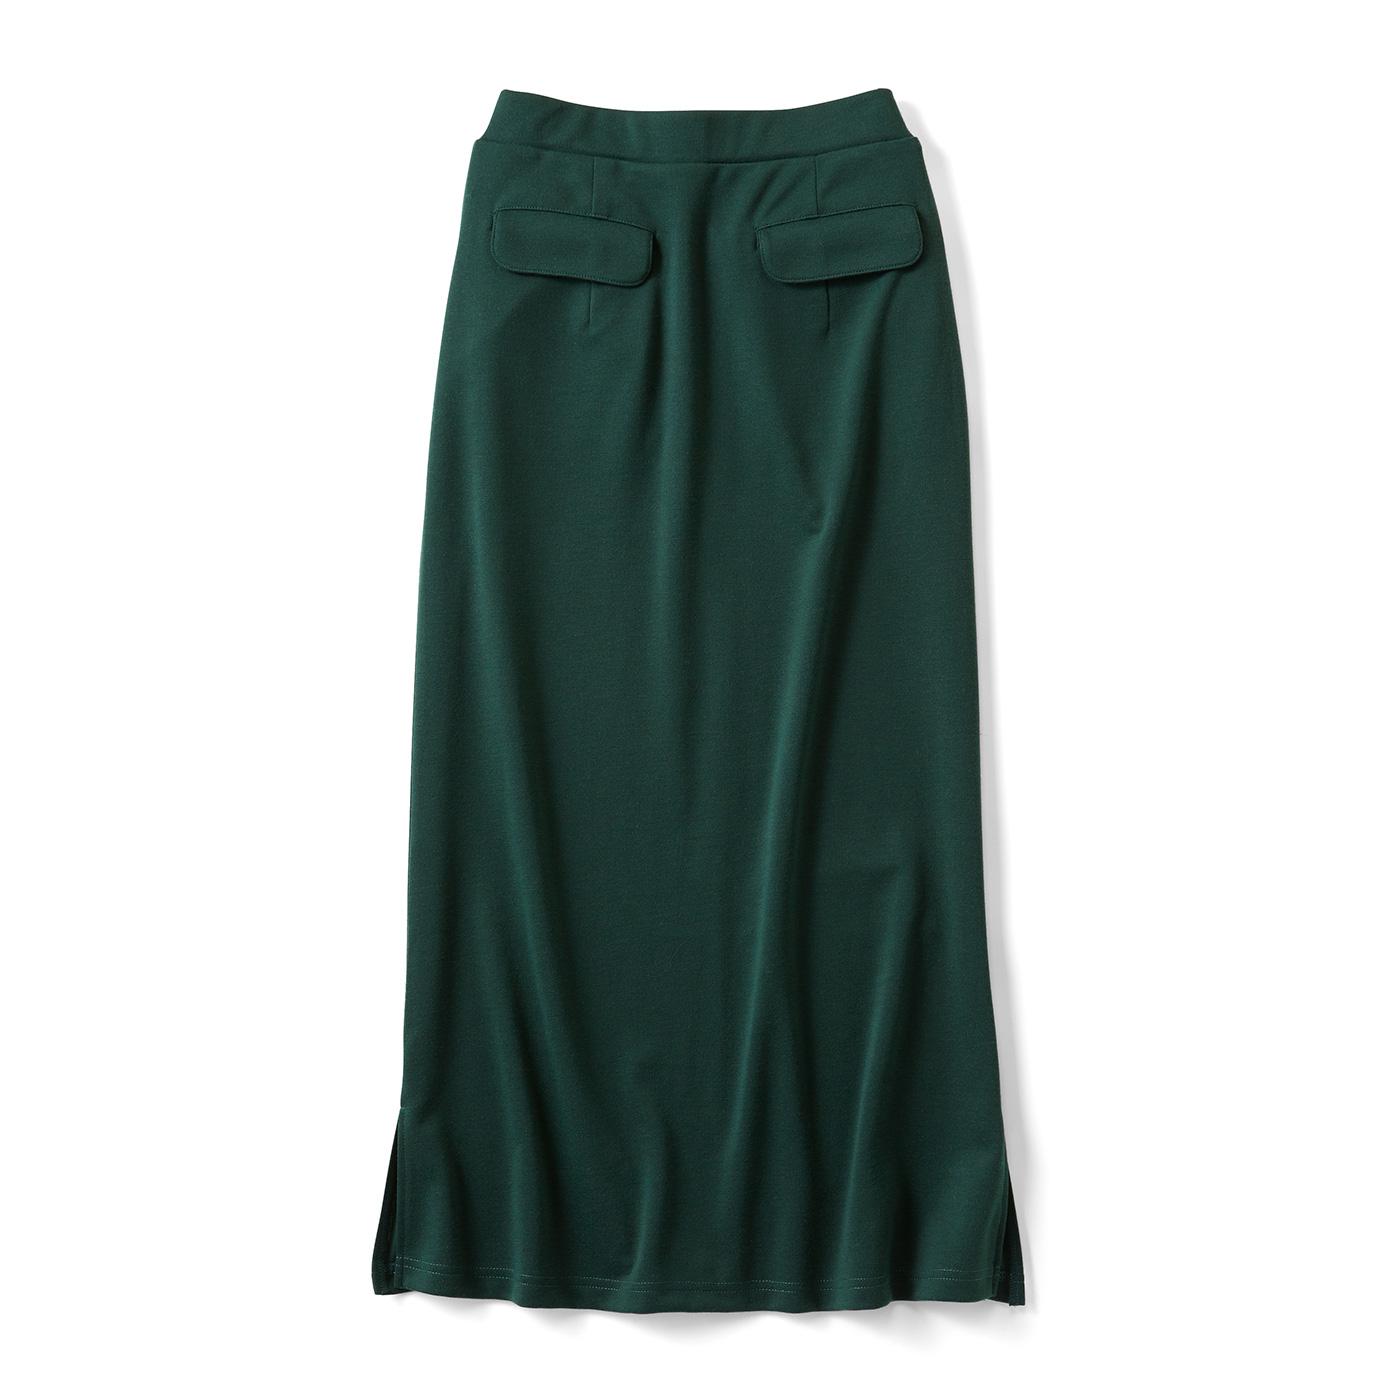 すっきりとらくちんなIラインスカート〈ダークグリーン〉